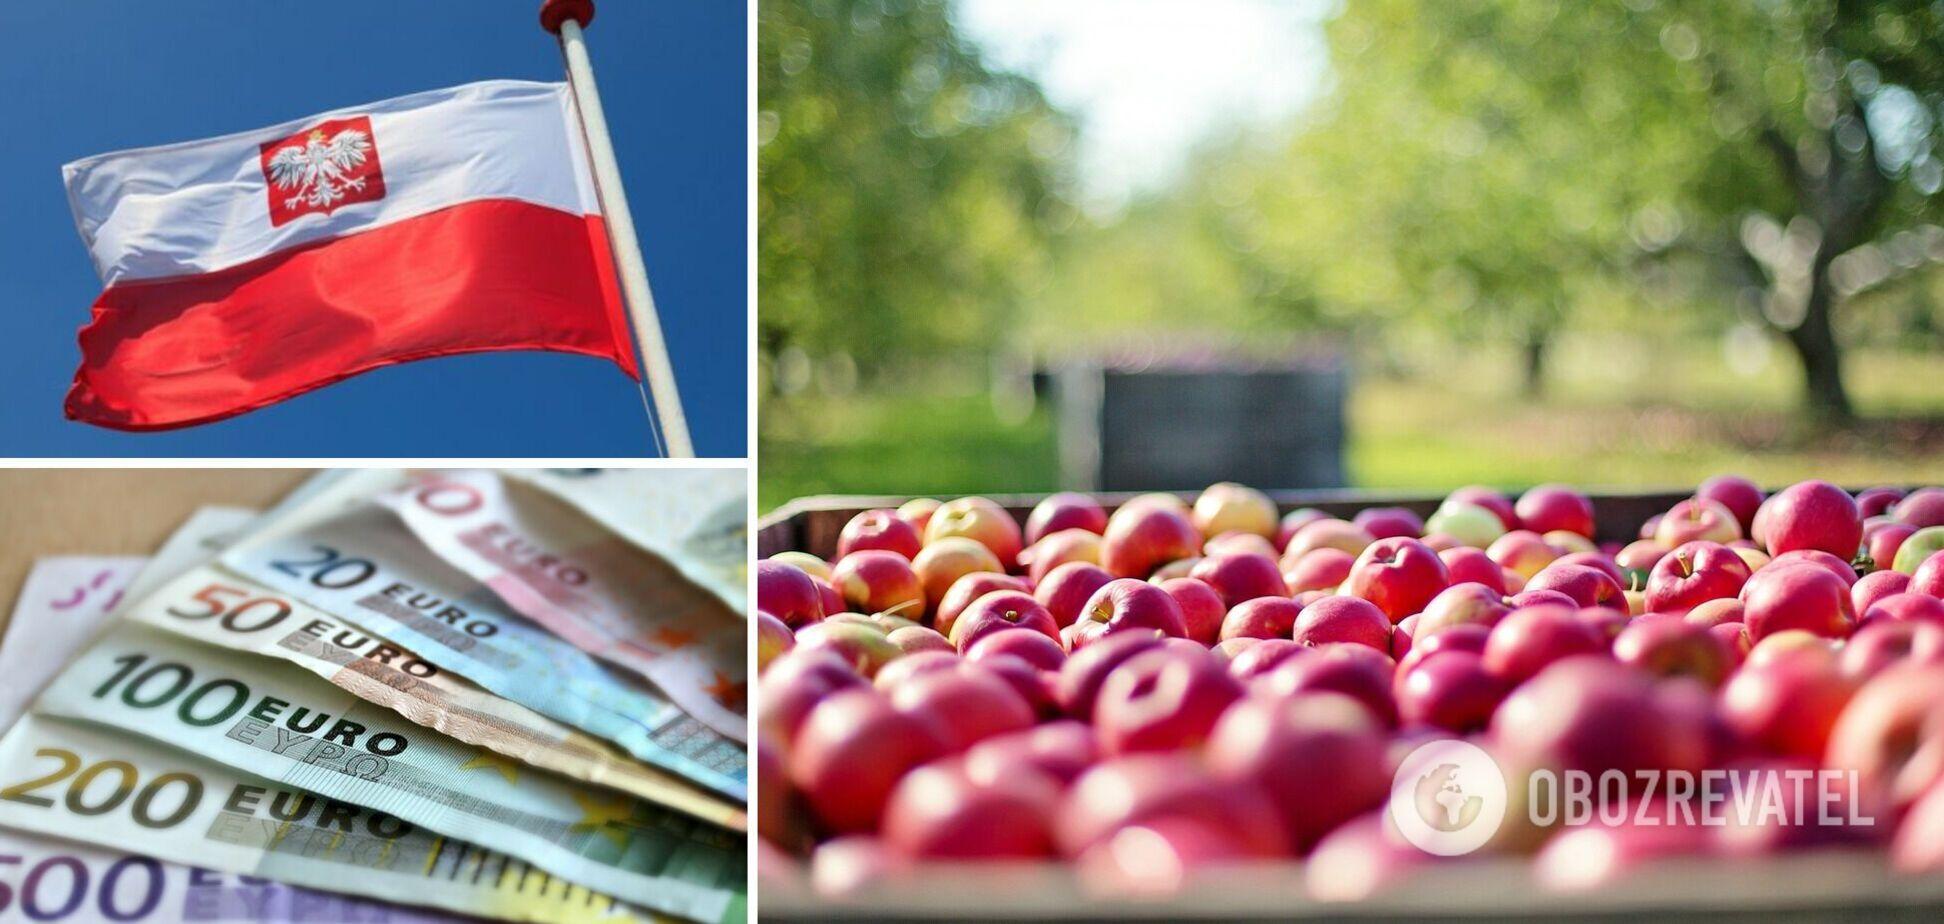 Збір яблук в Польщі опинився під загрозою через дефіцит заробітчан